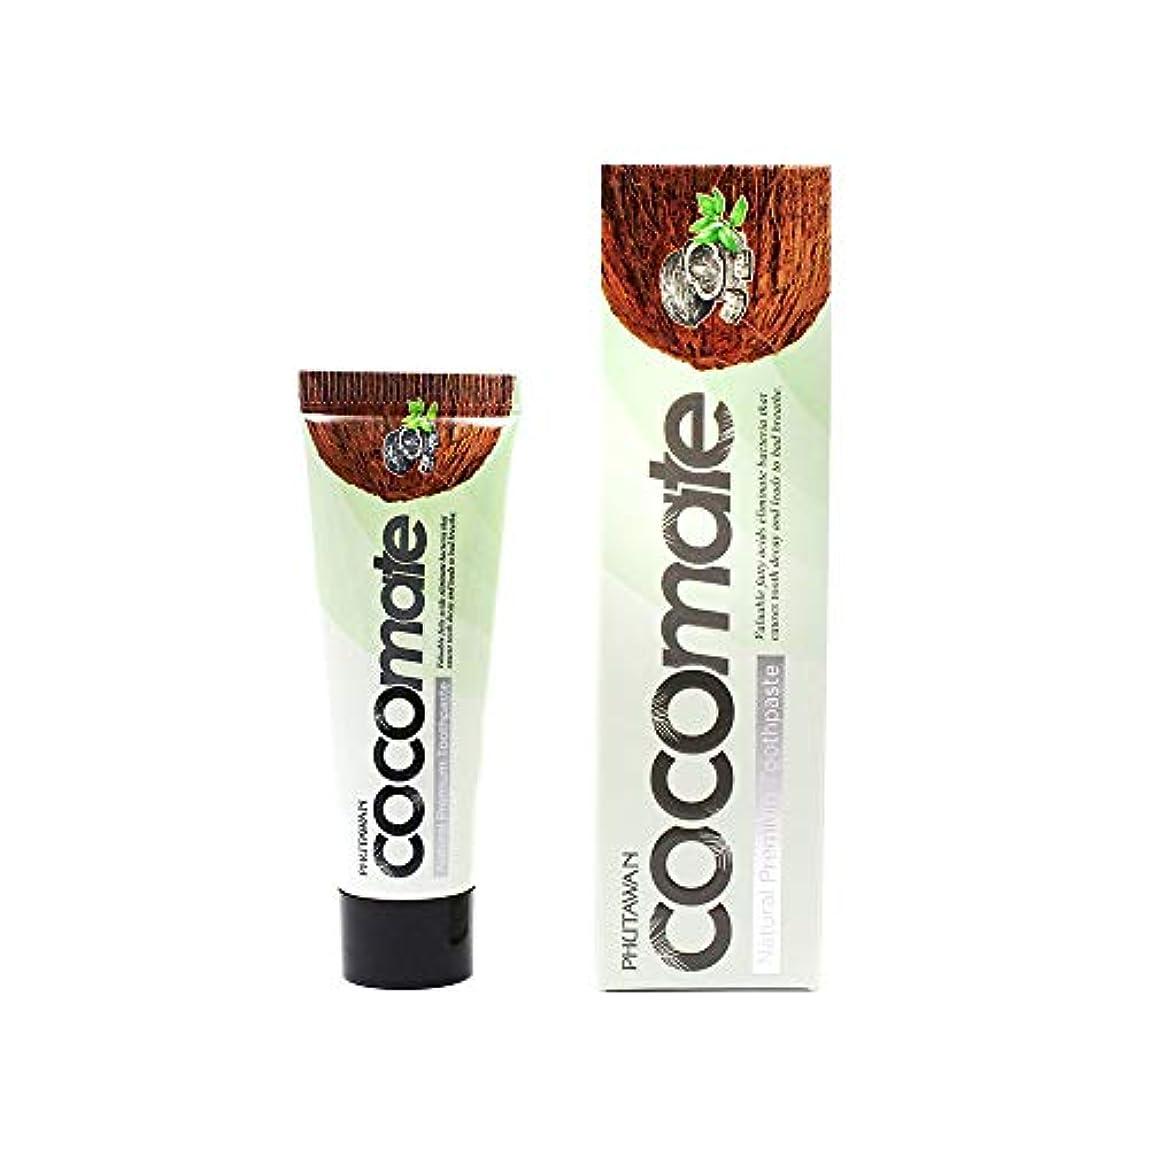 ポーン津波パートナー歯磨き粉 Cocomate Natural Premium Toothpaste